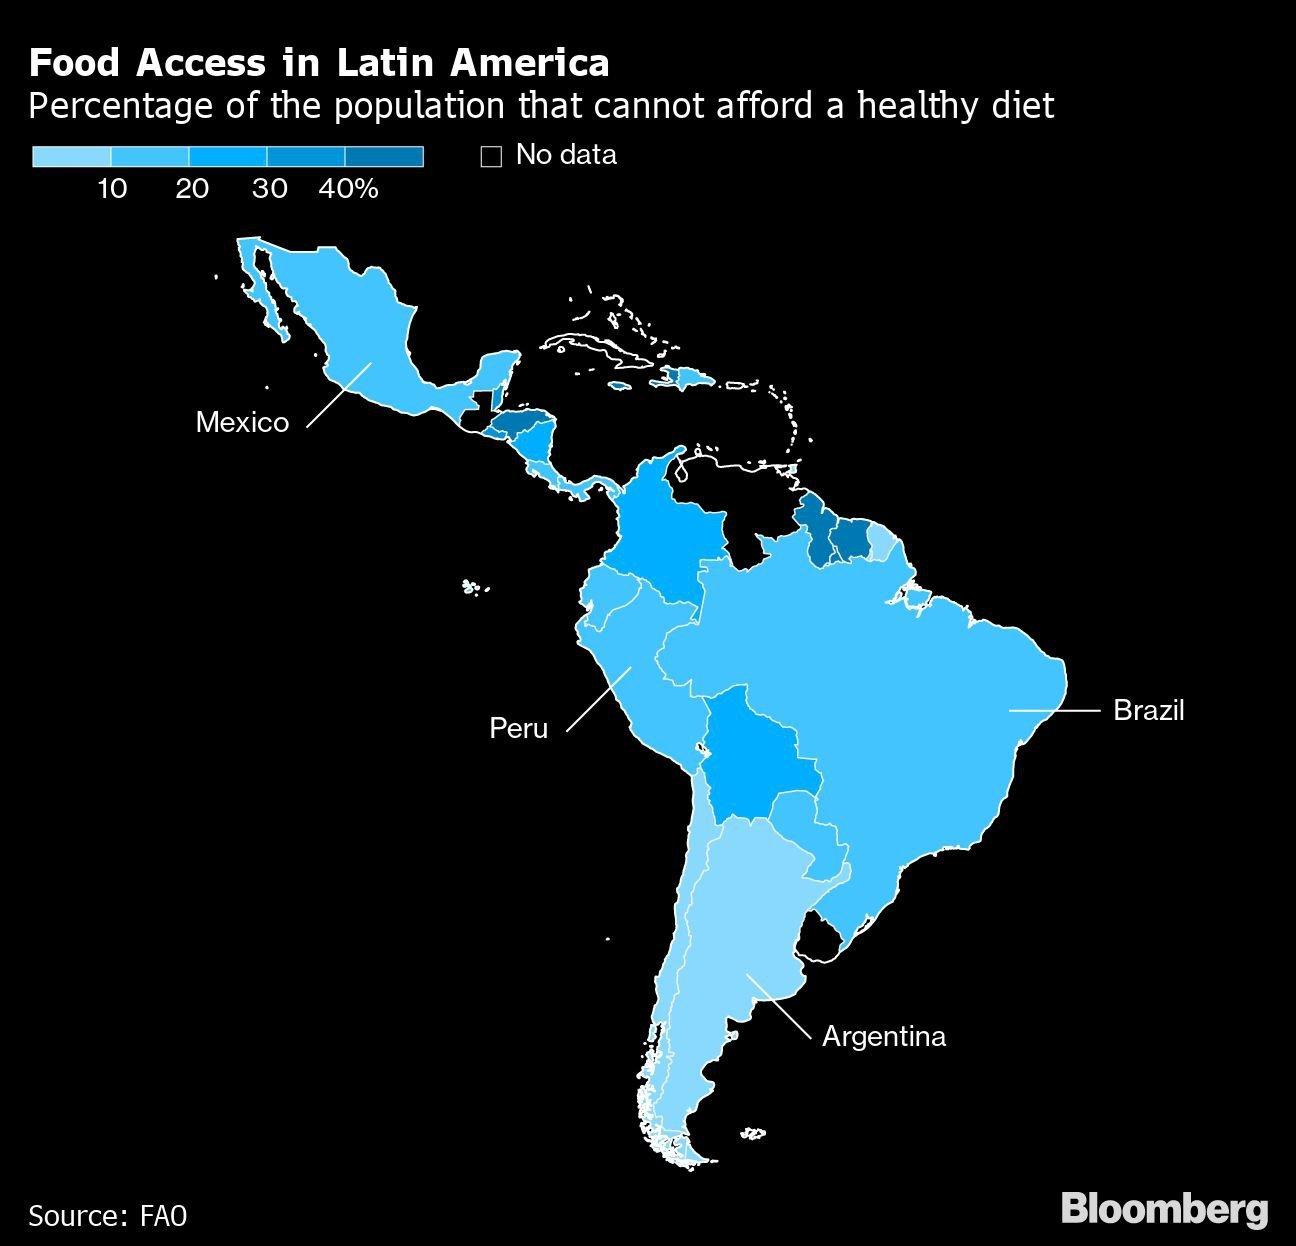 Acesso à comida na América Latina: Porcentagem da população que não pode arcar com alimentação saudável